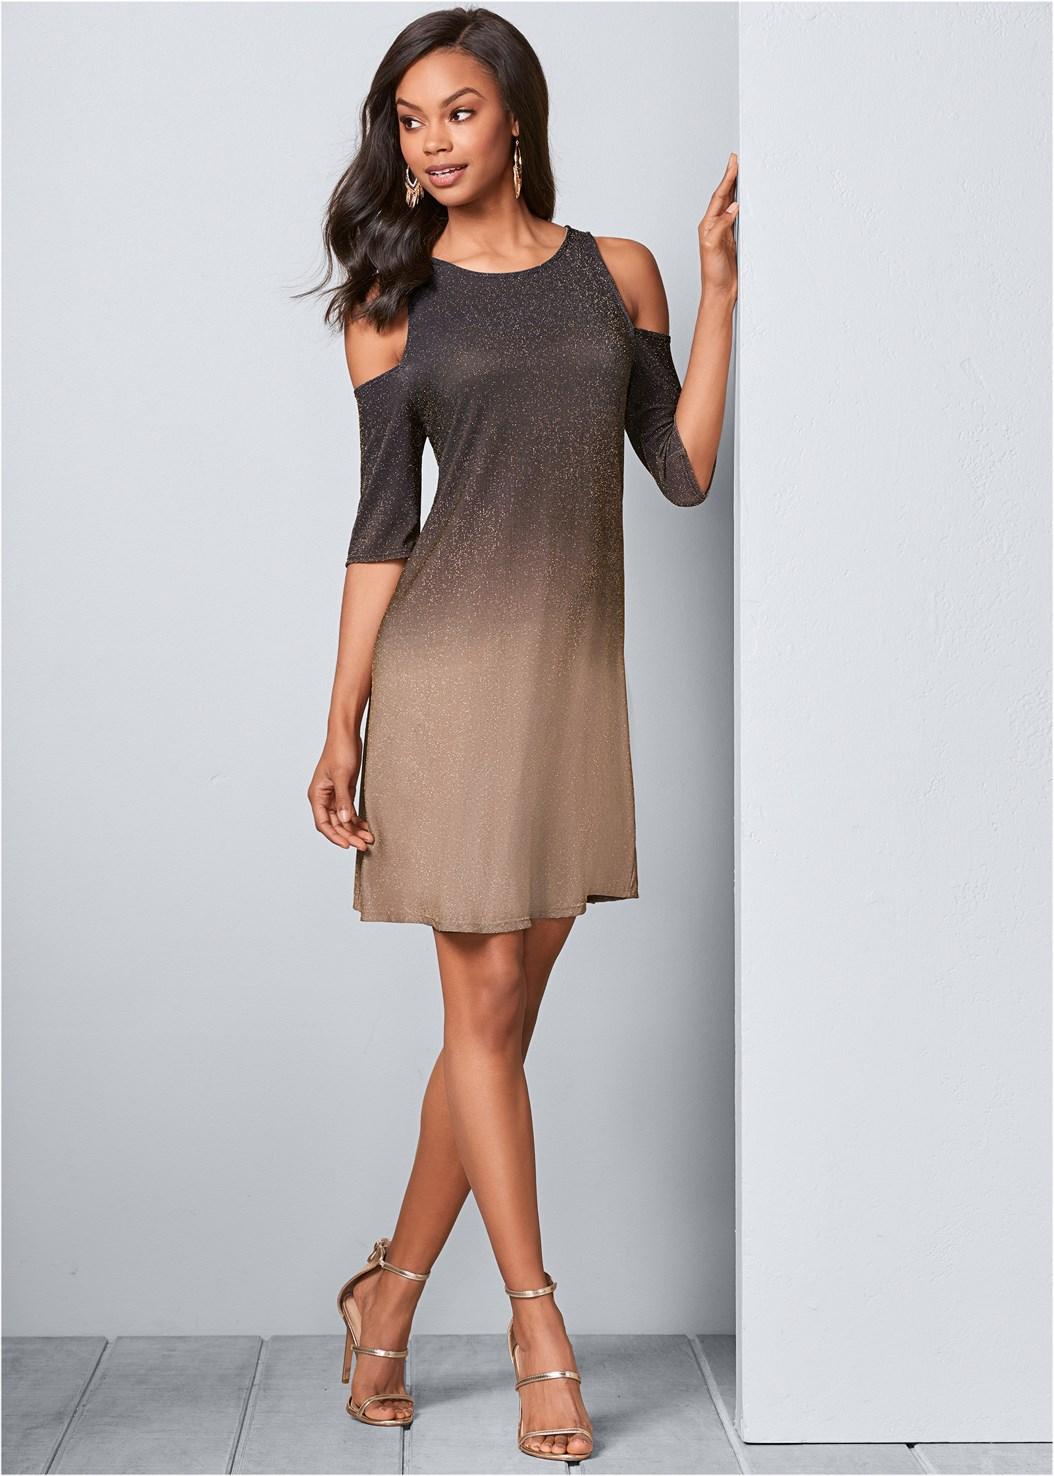 Cold Shoulder Glitter Dress,High Heel Strappy Sandals